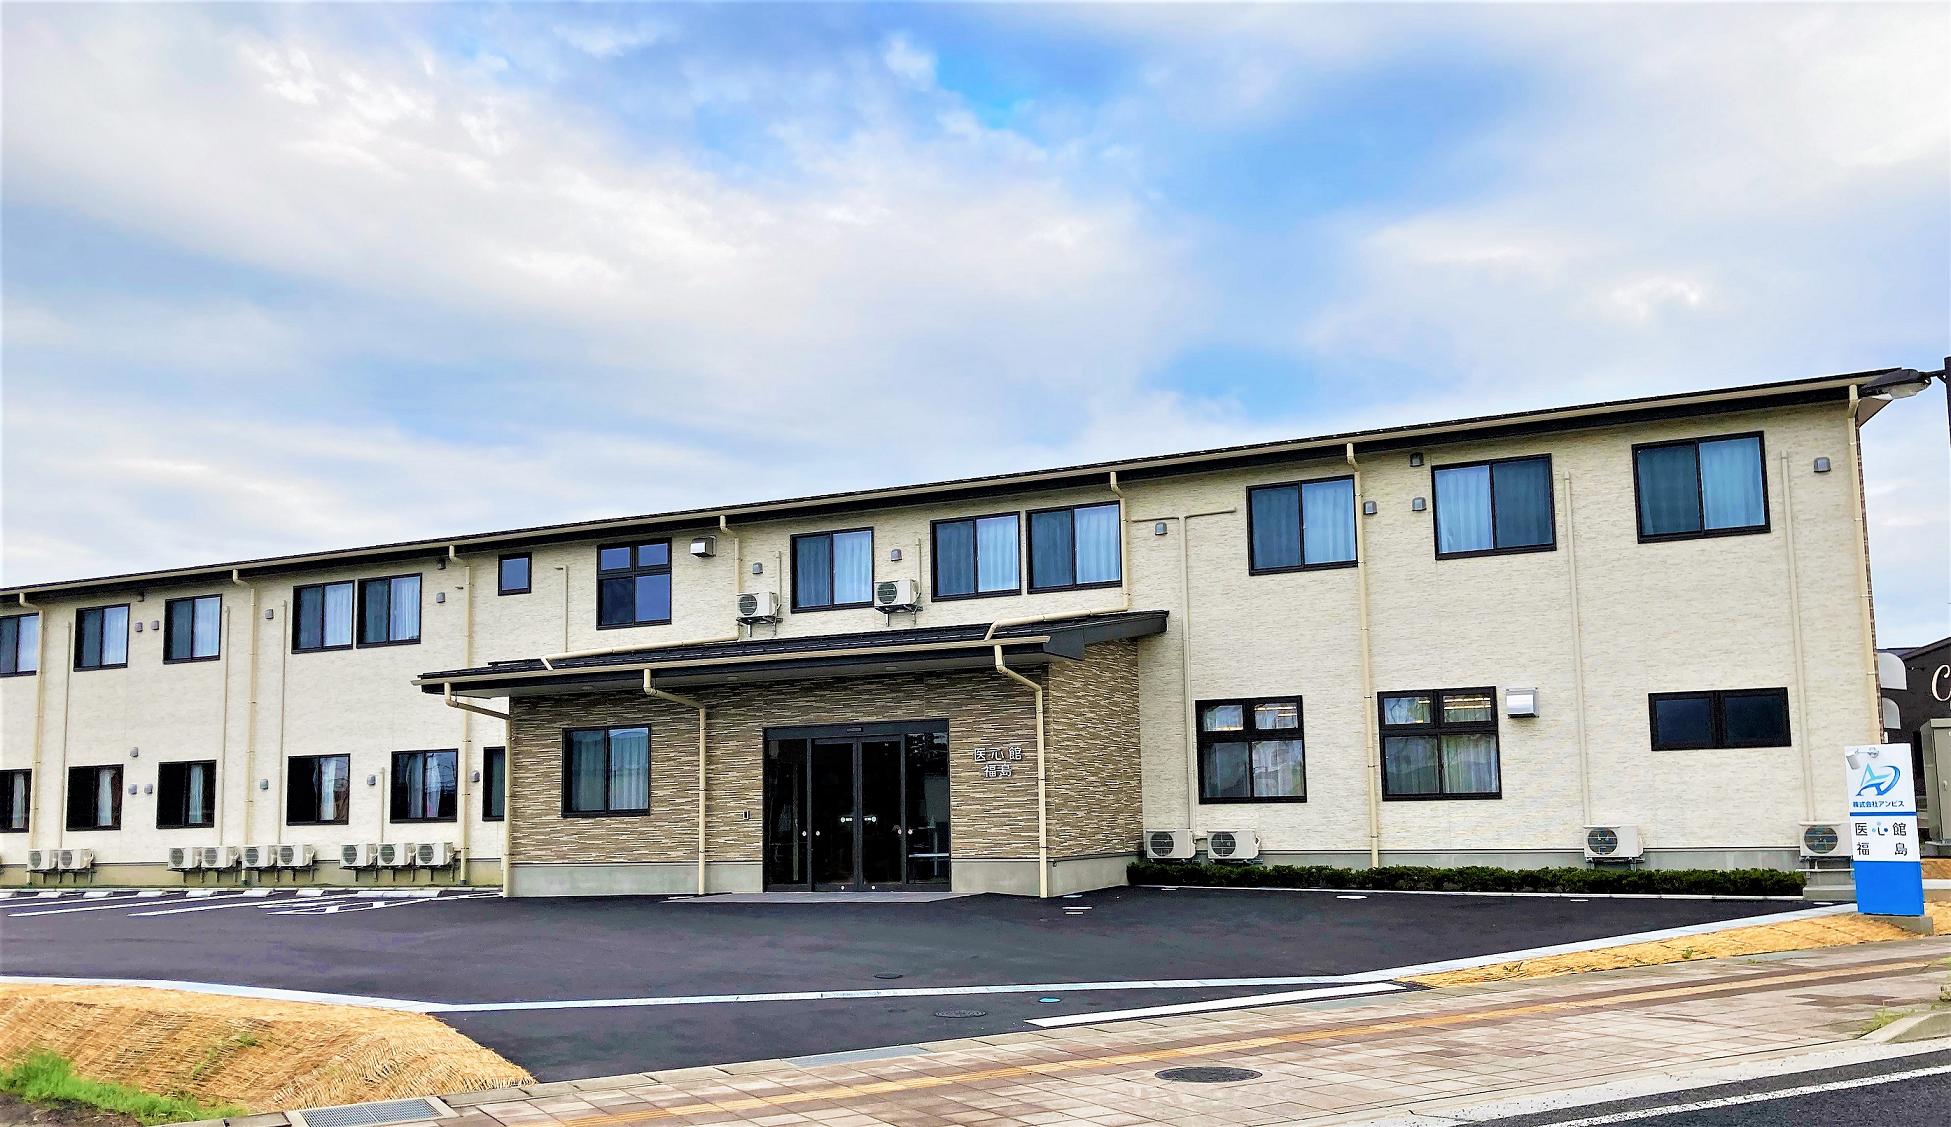 福島県では初開設となる有料老人ホーム「医心館 福島」をオープンしました